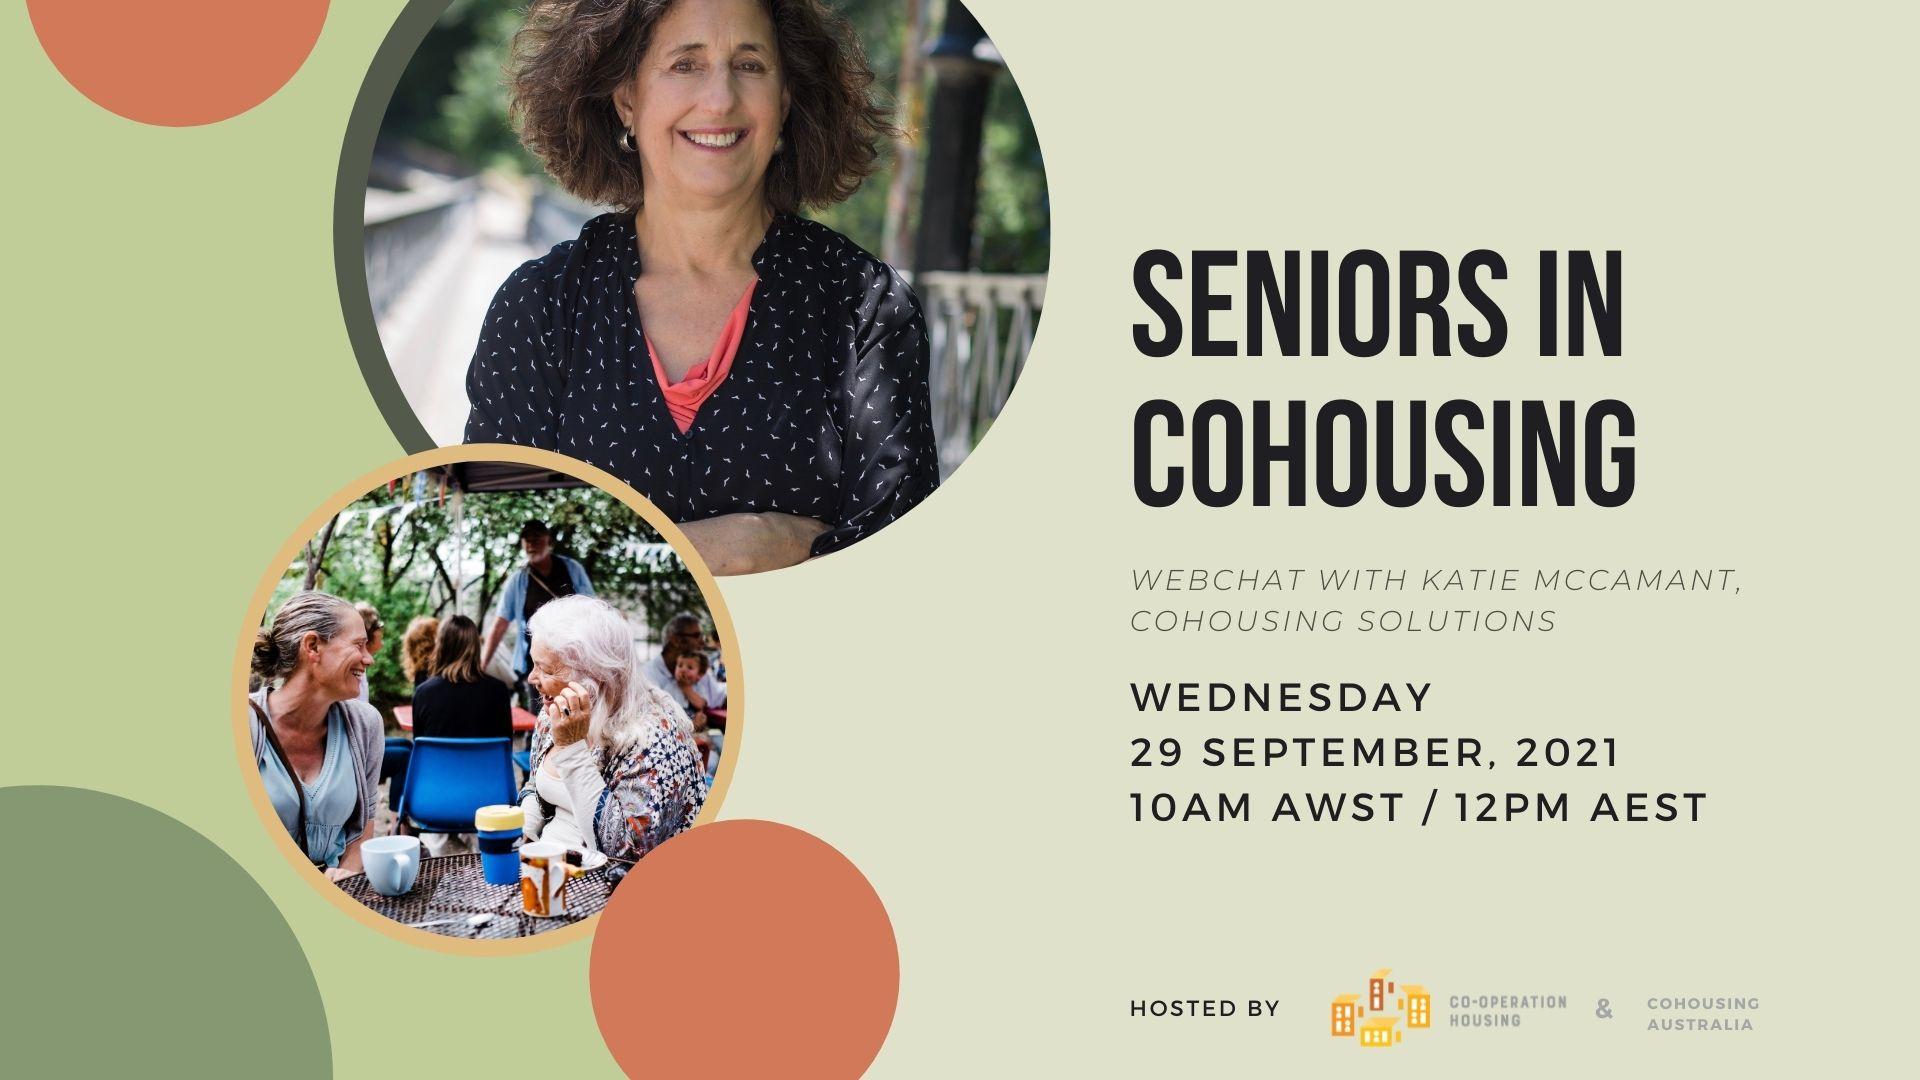 Seniors in Cohousing